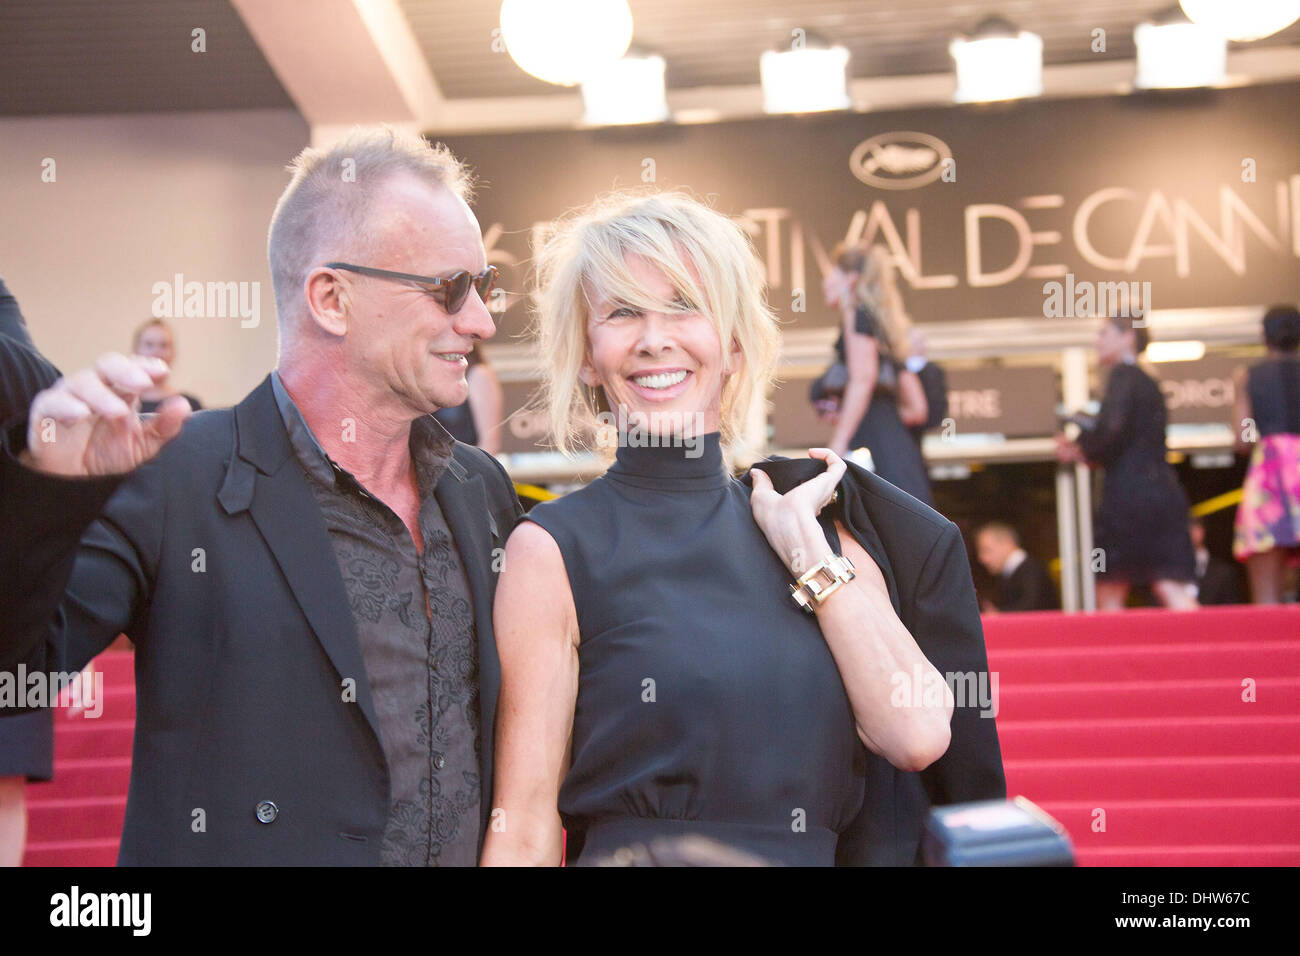 """Sting e sua moglie Trudie Styler, 'Mud"""" premiere durante il sessantacinquesimo annuale di Cannes Film Festival. Cannes, Francia - 26.05.12 Immagini Stock"""